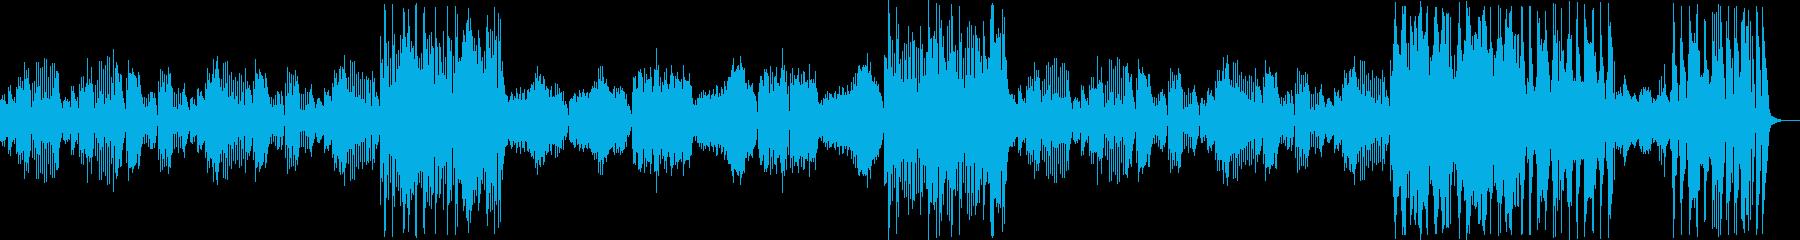 トルコ行進曲/モーツァルトの再生済みの波形